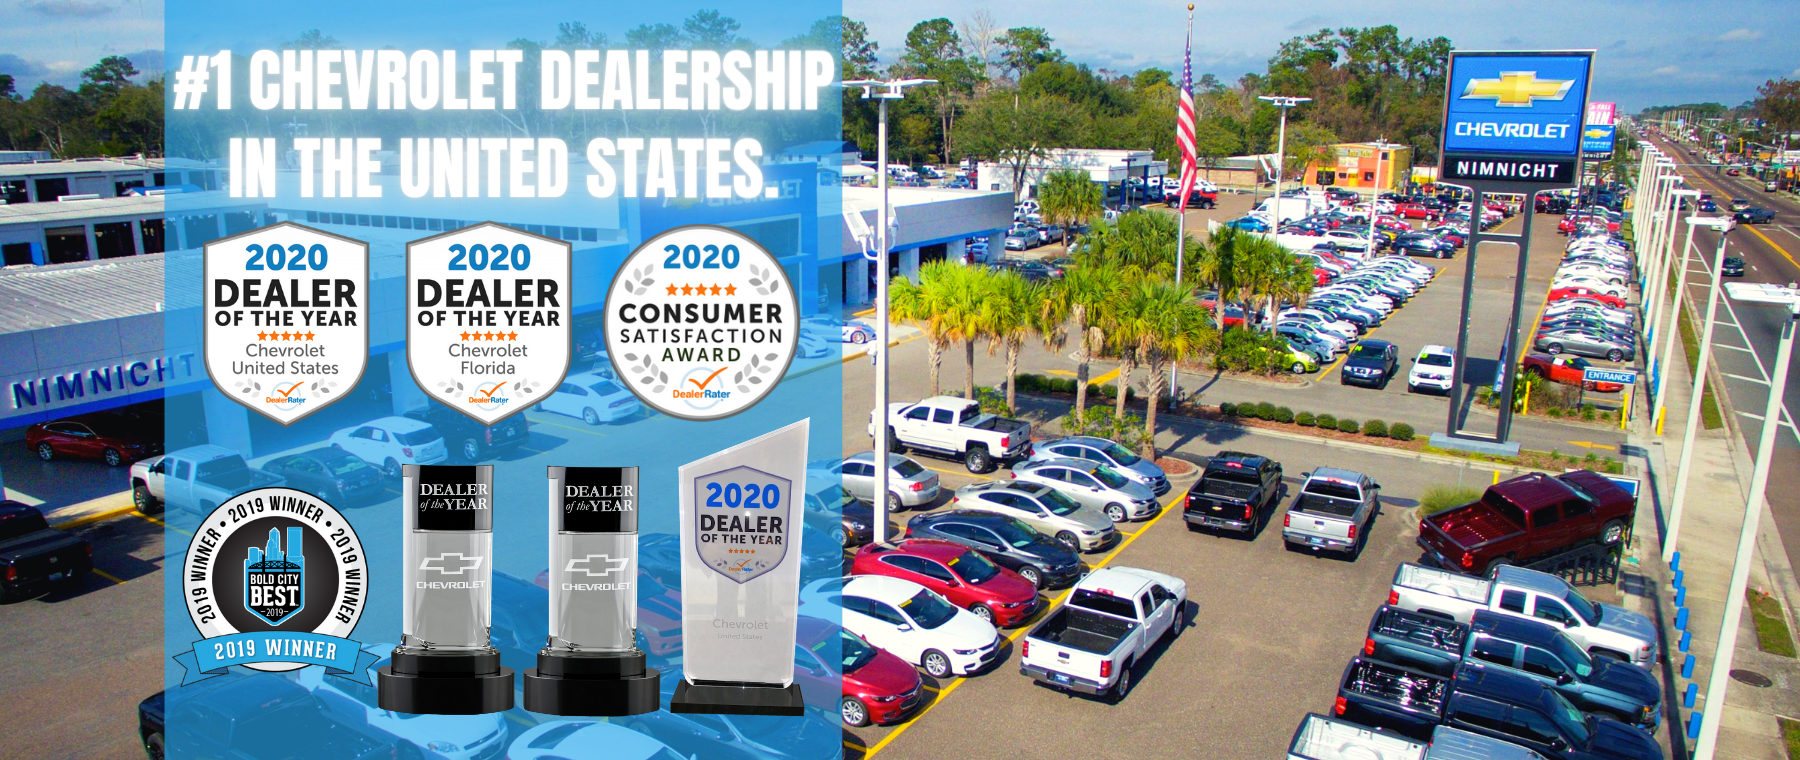 Chevy Dealer In Jacksonville Fl Used Cars Nimnicht Chevrolet